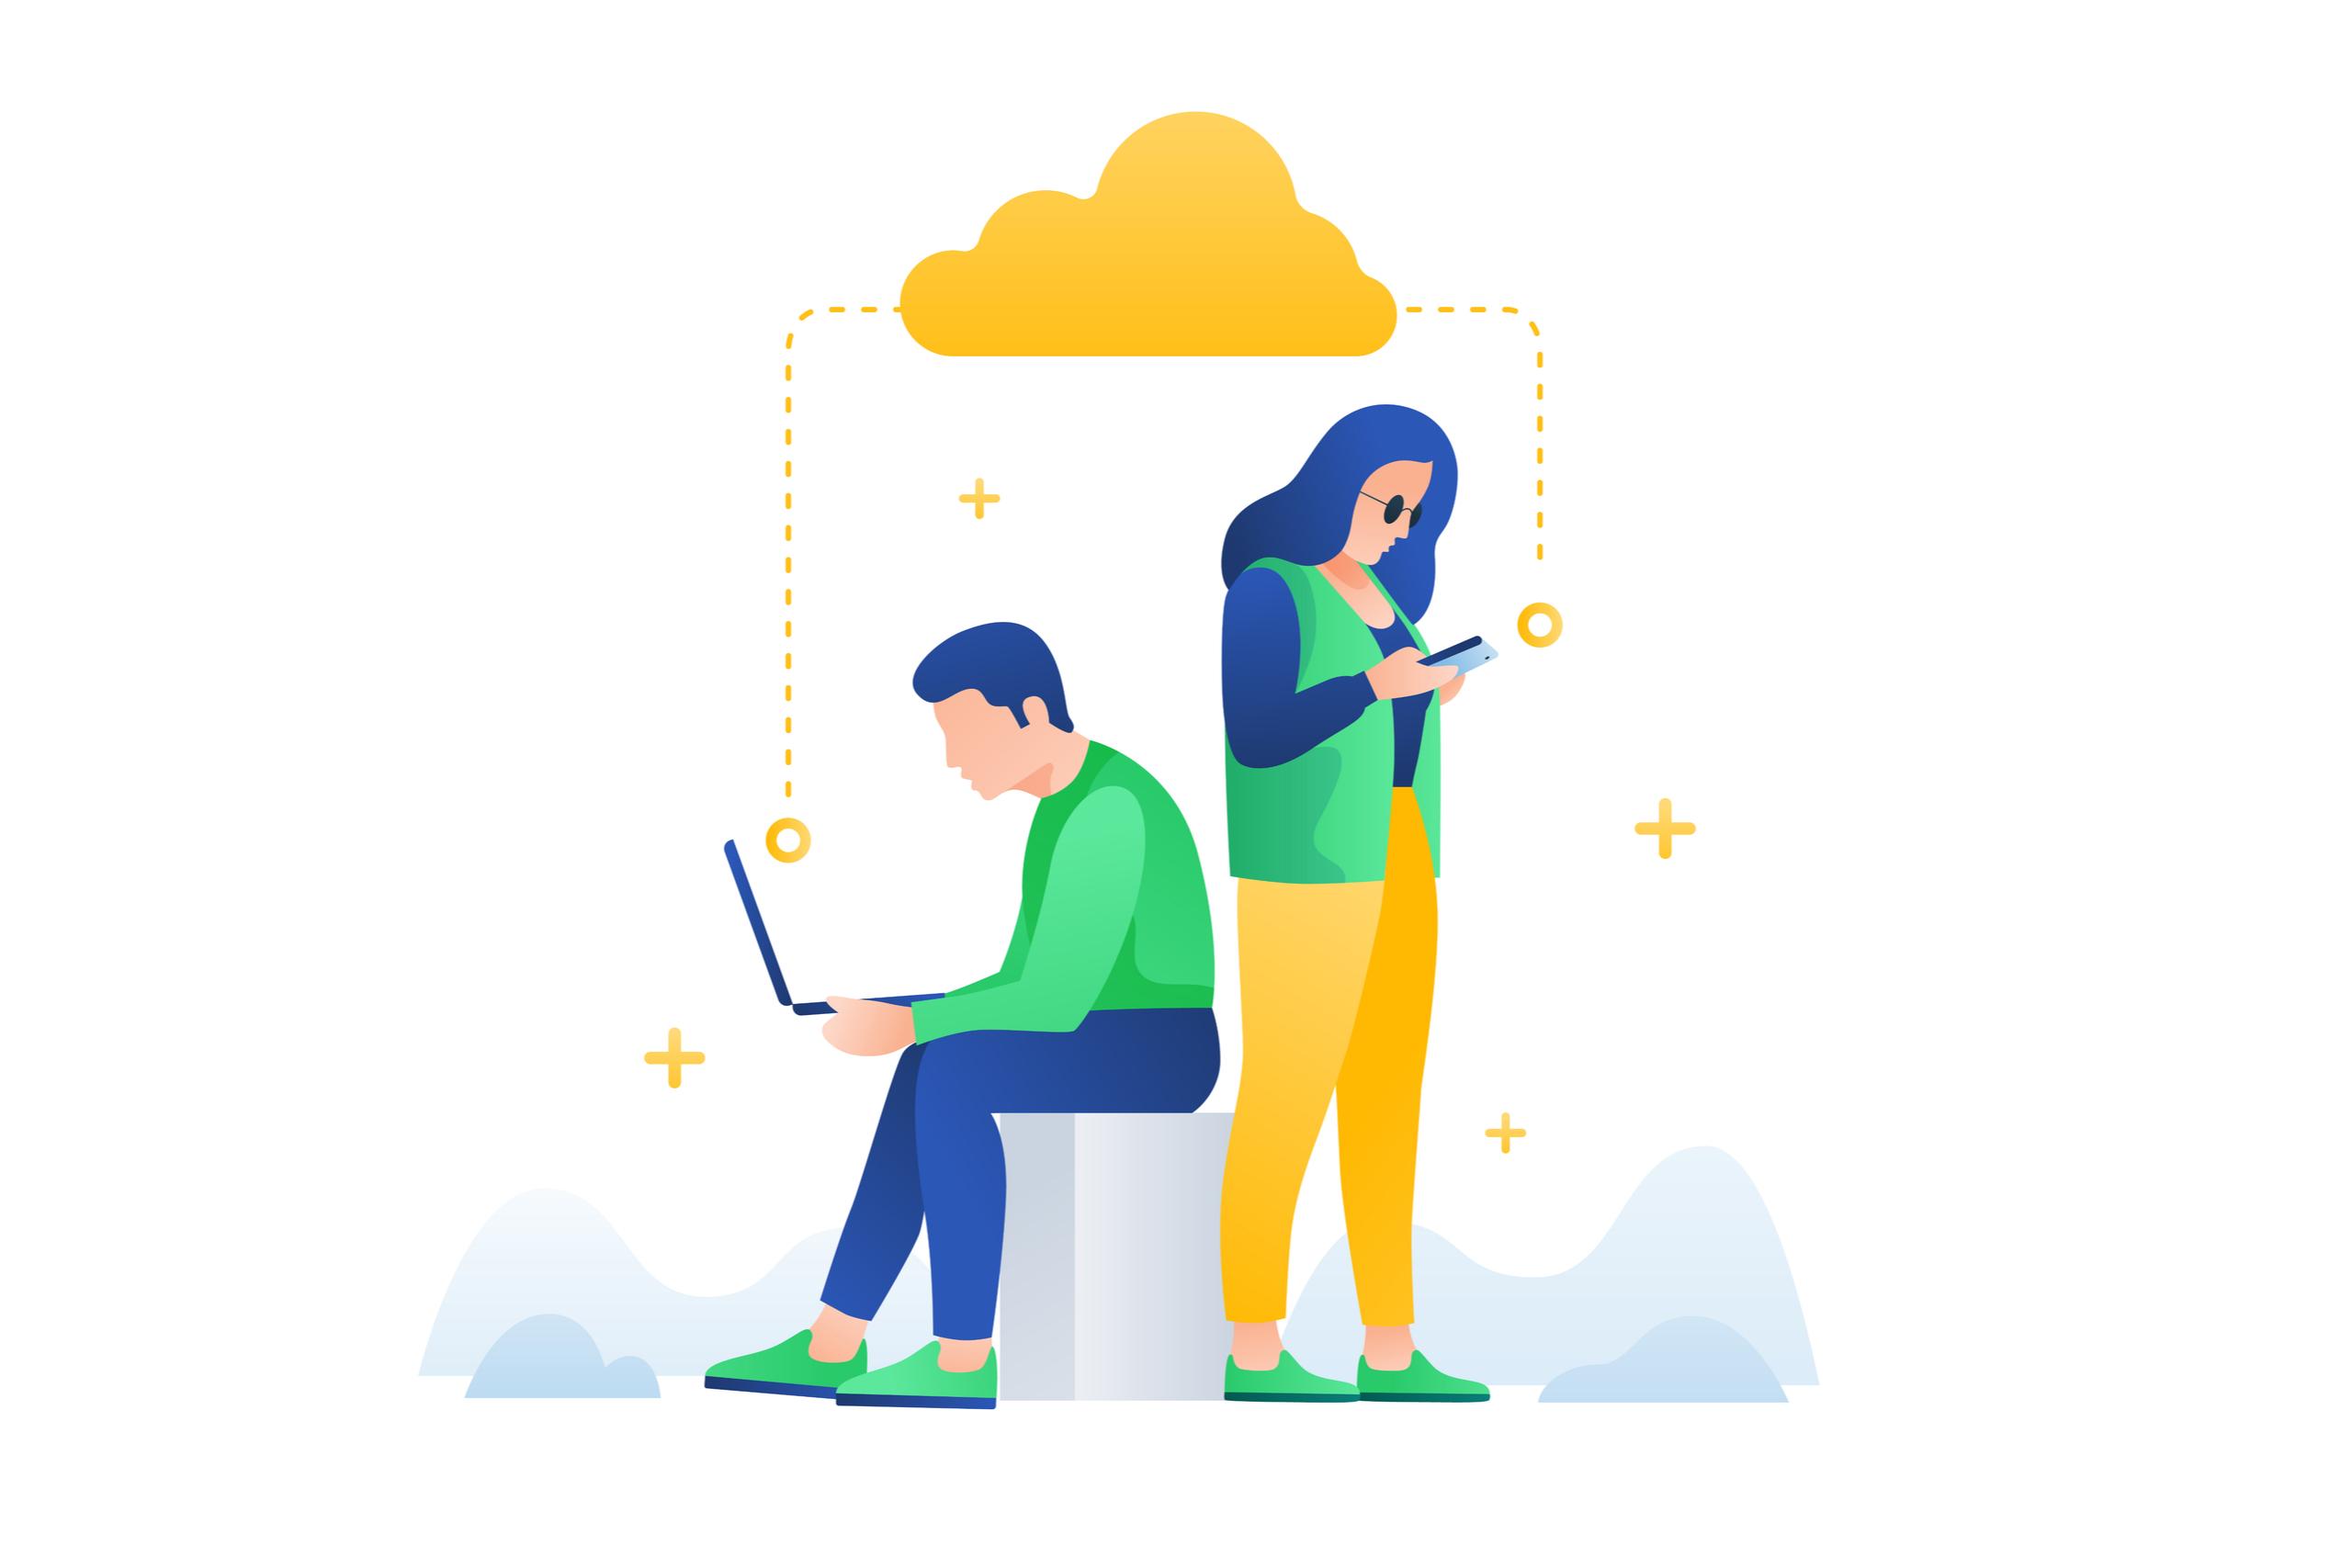 Beheer je eigen cloud opslag met Nextcloud